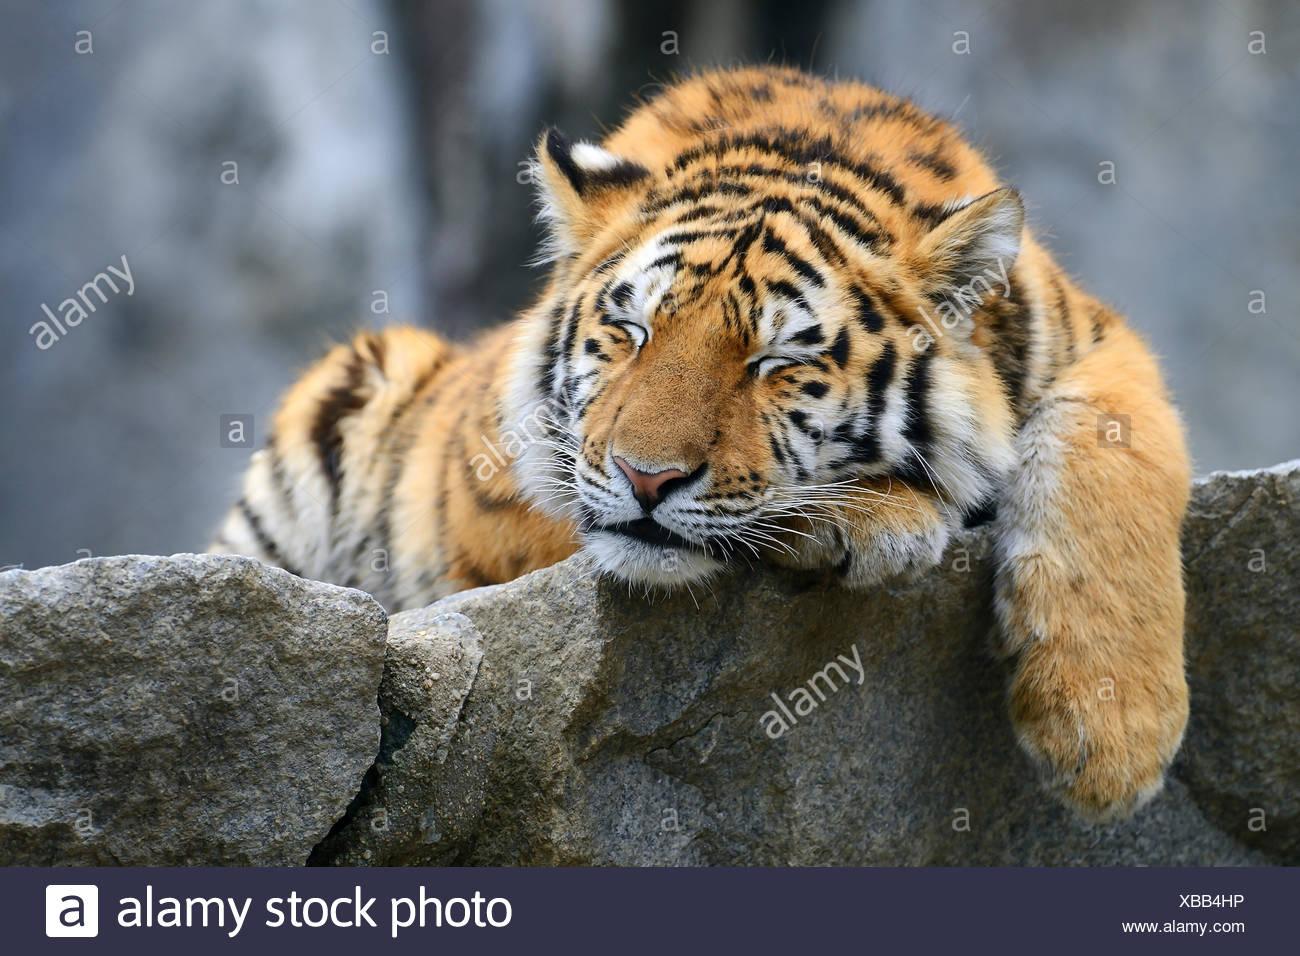 Young Siberian tiger (Panthera tigris altaica), sleeping on rock, captive - Stock Image